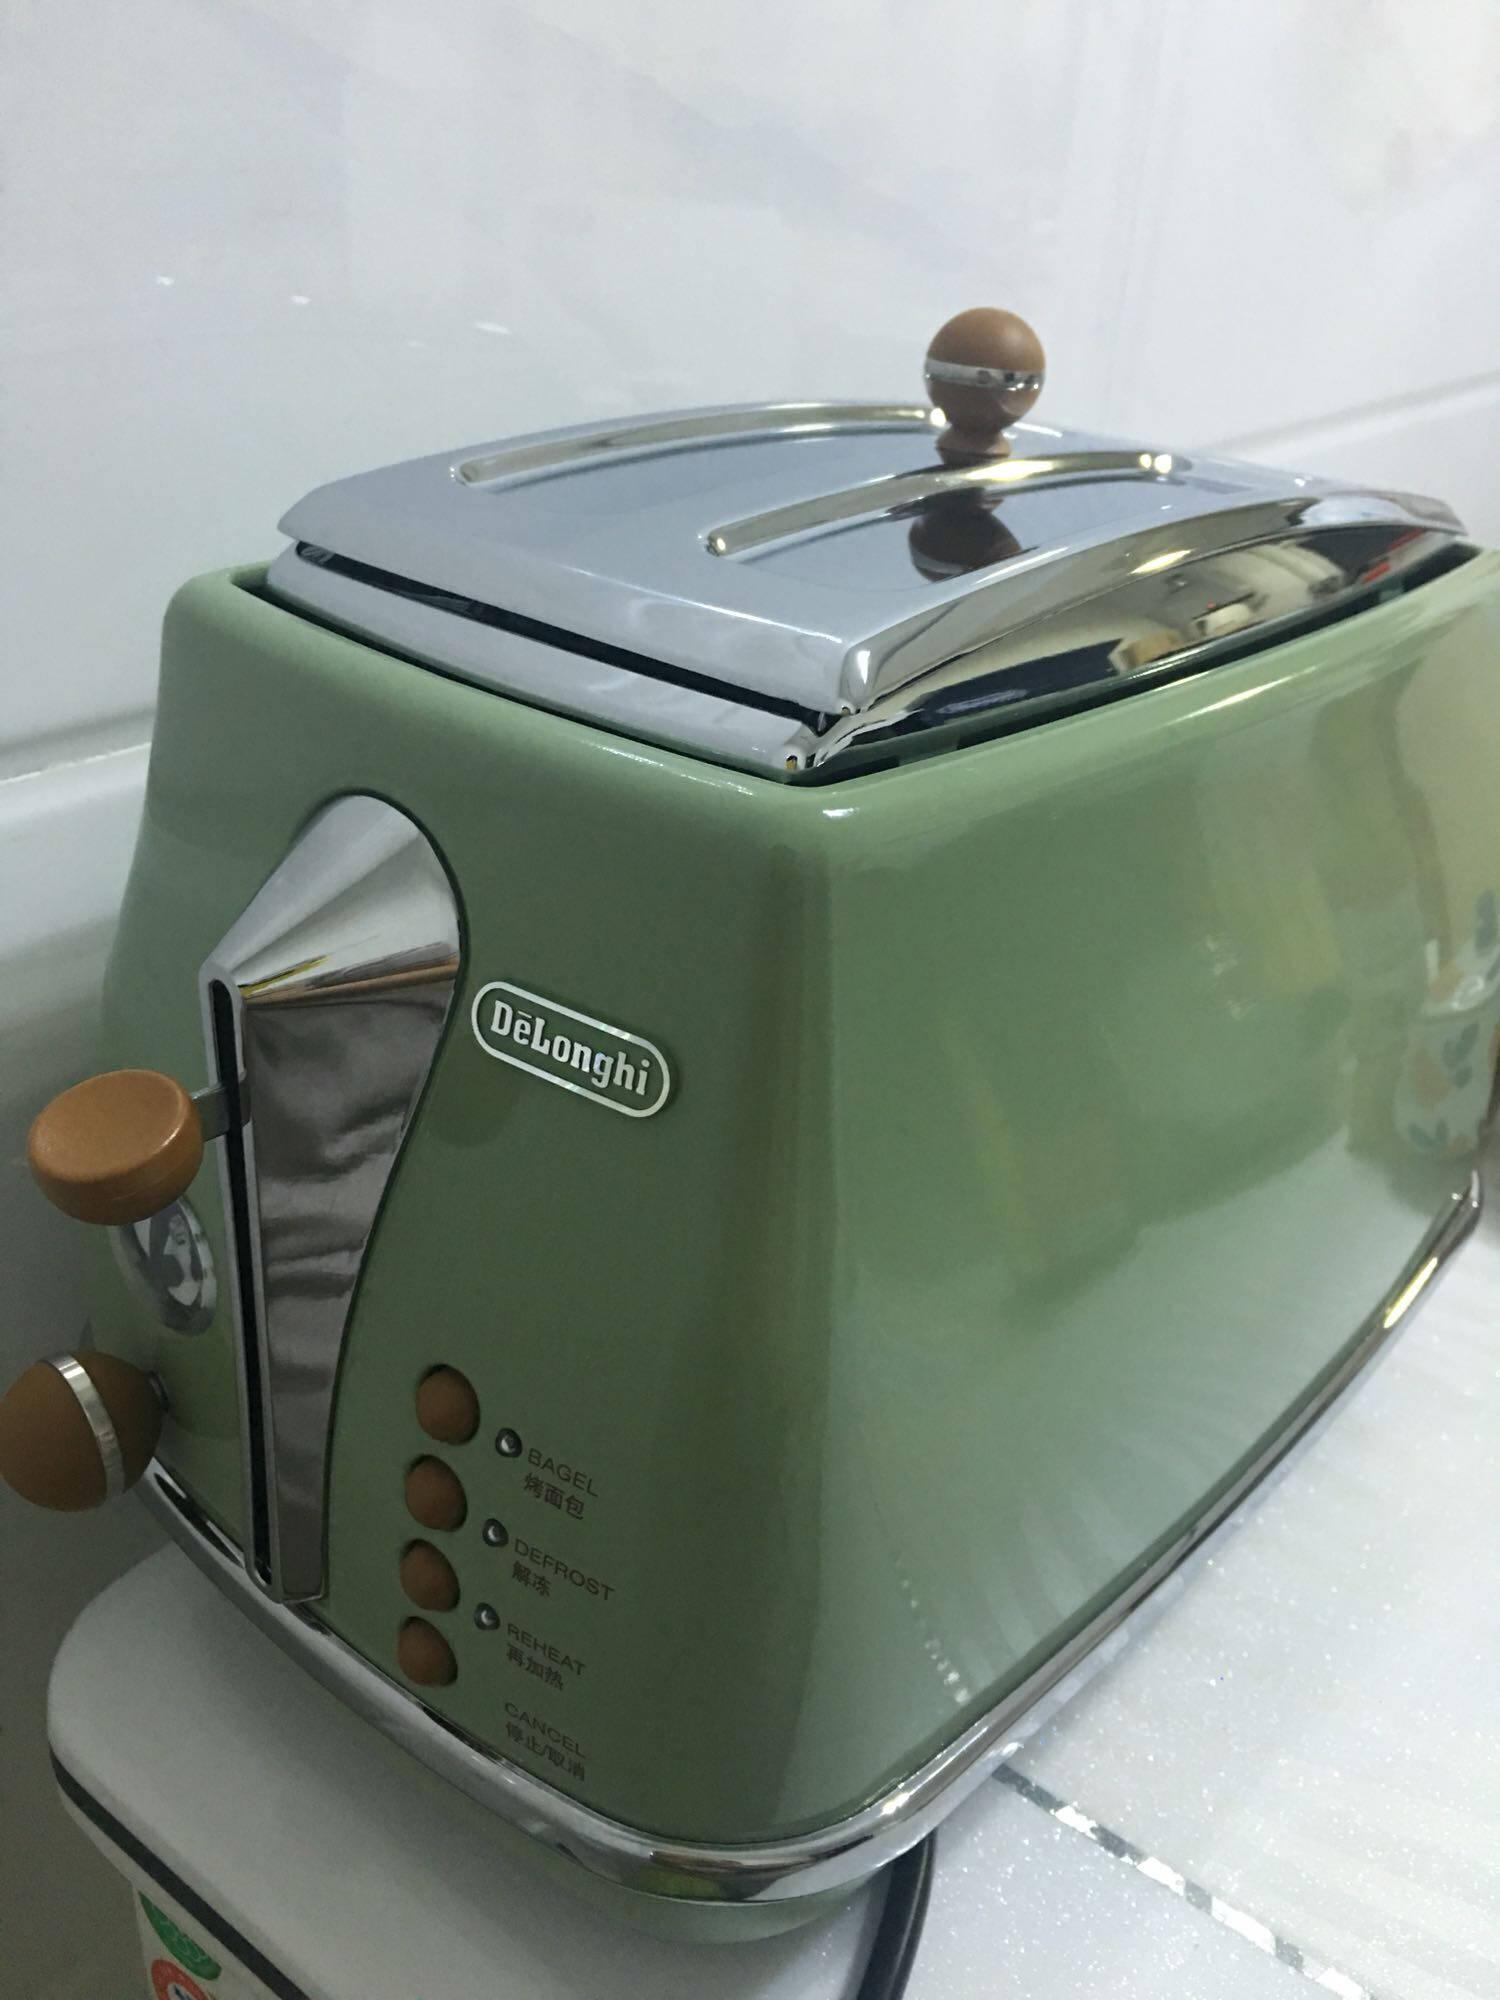 德龙(Delonghi)面包机家用不锈钢复古多士炉吐司机早餐烤面包机CTO2003橄榄绿